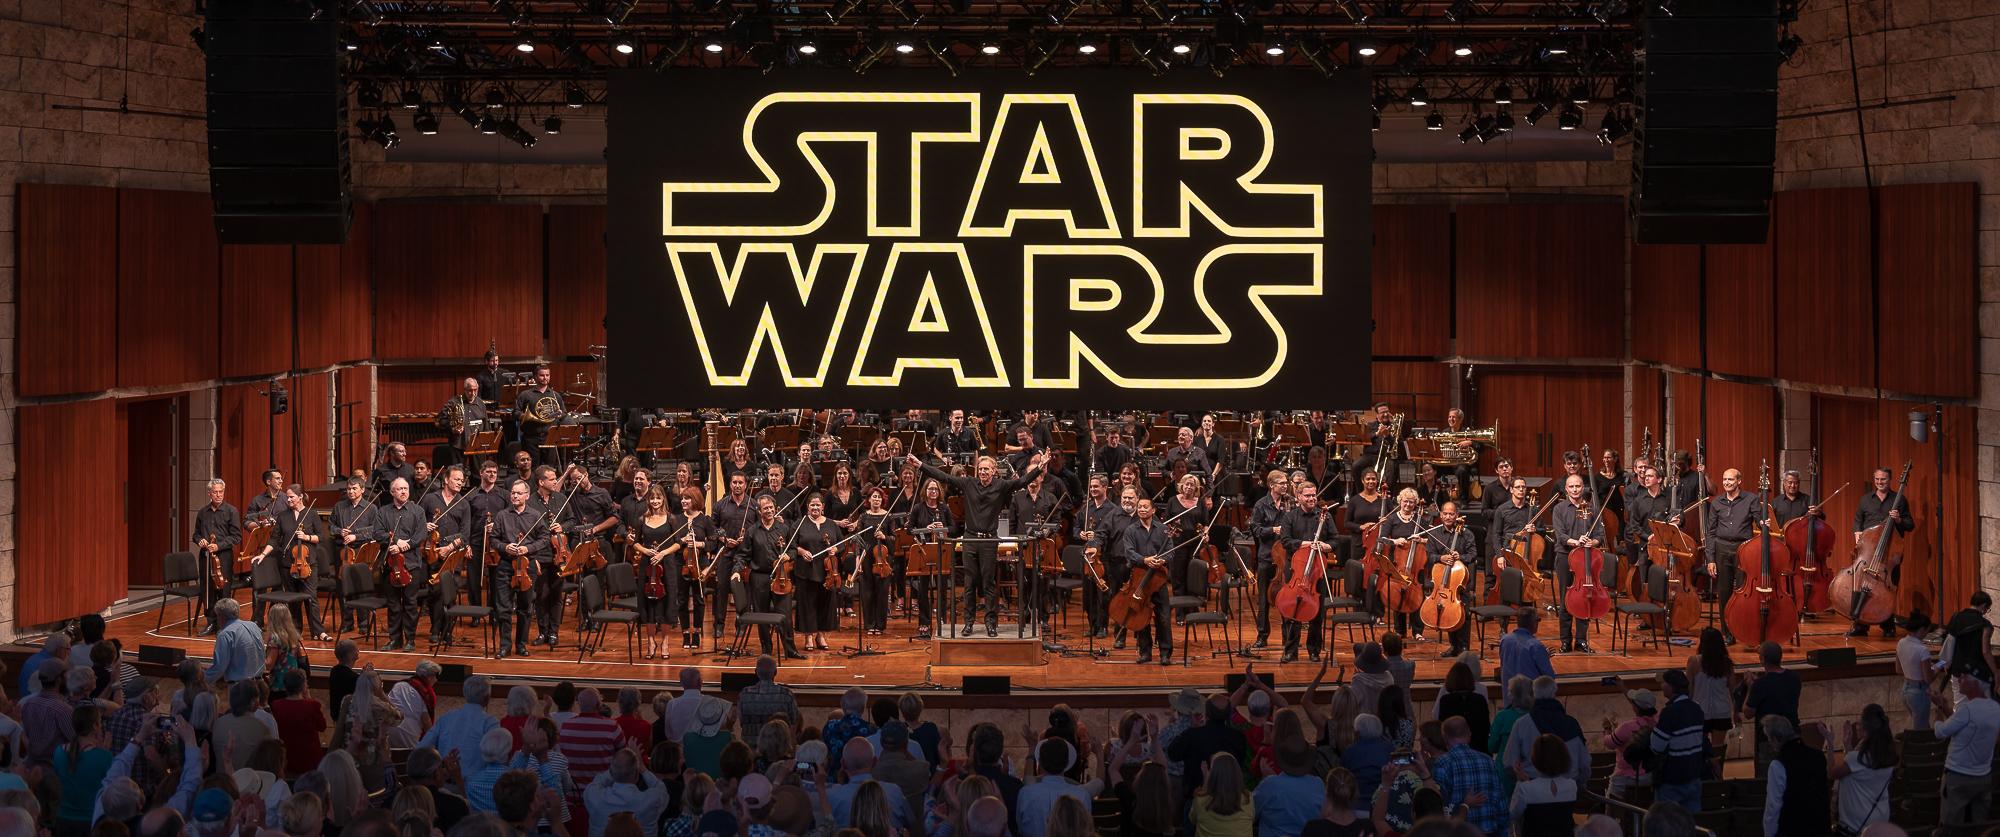 2018 SVSS Star Wars Finale 8-19-18 - 38399 - Nils Ribi - web -2.jpg